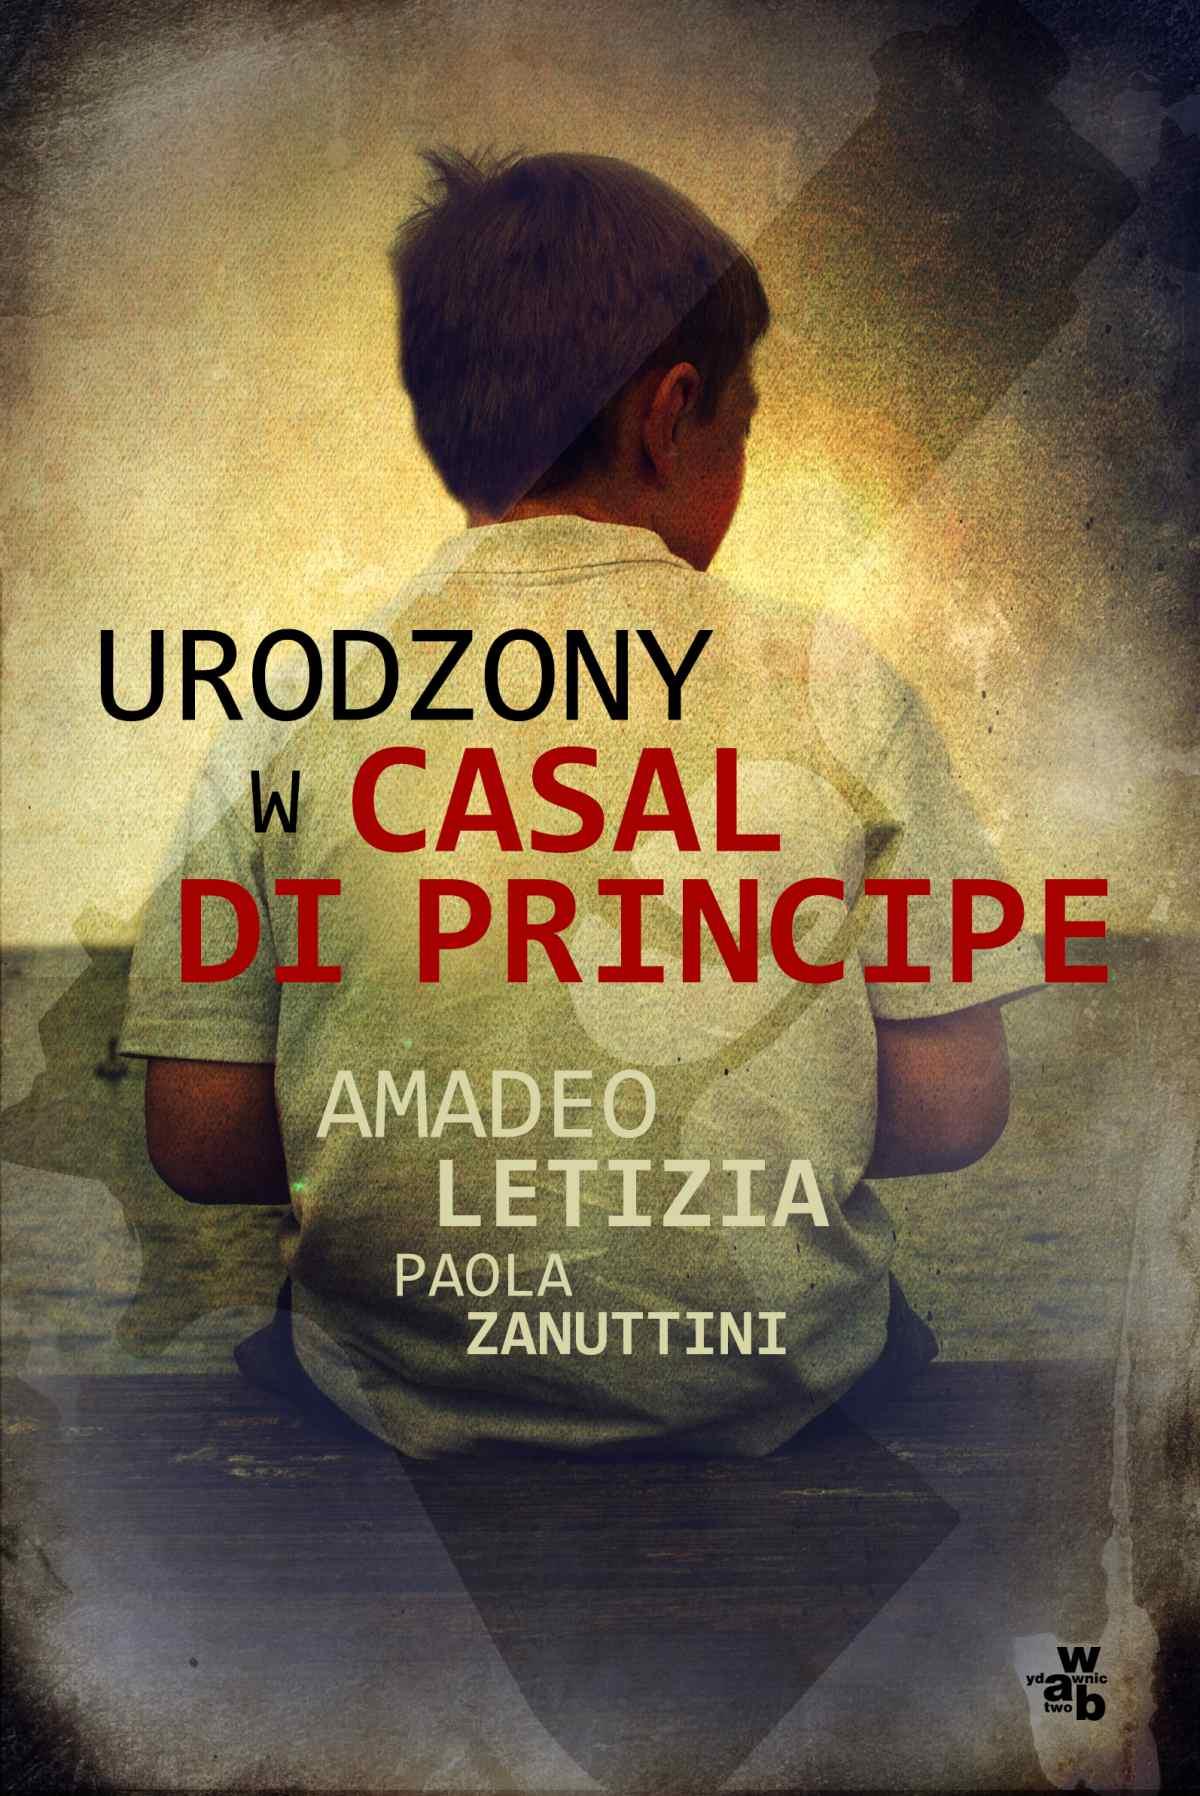 Urodzony w Casal di Principe - Ebook (Książka na Kindle) do pobrania w formacie MOBI